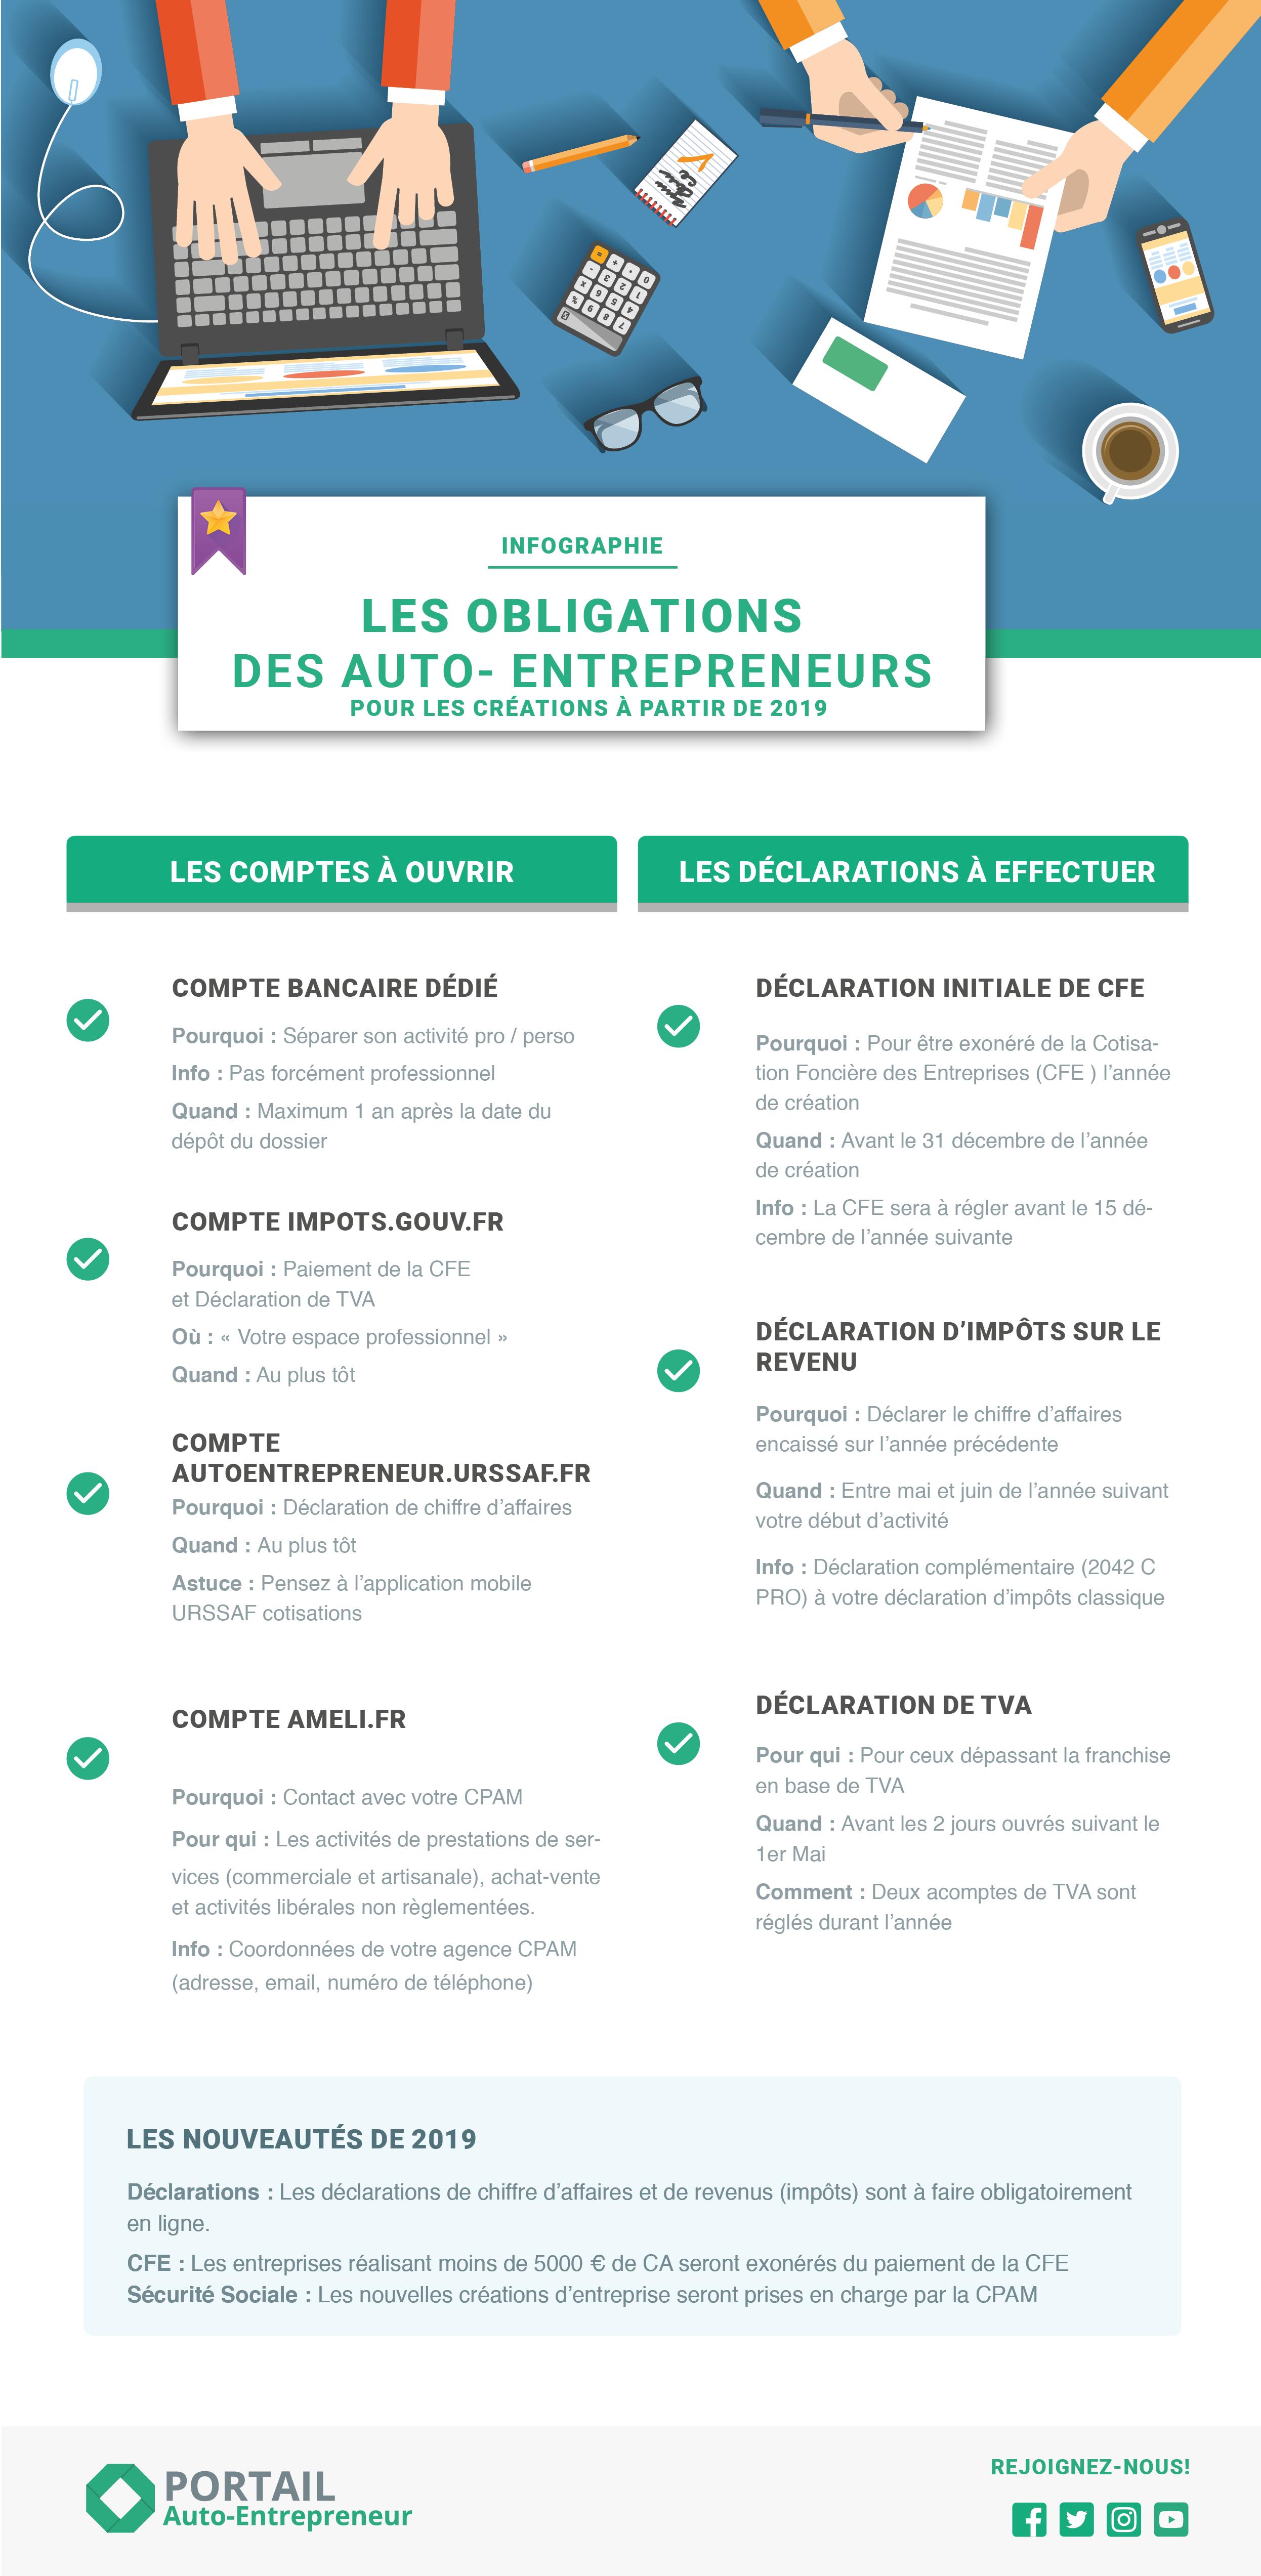 Auto Entrepreneurs Le Calendrier De Vos Demarches Micro Entreprise Gestion Entreprise Planification D Entreprise